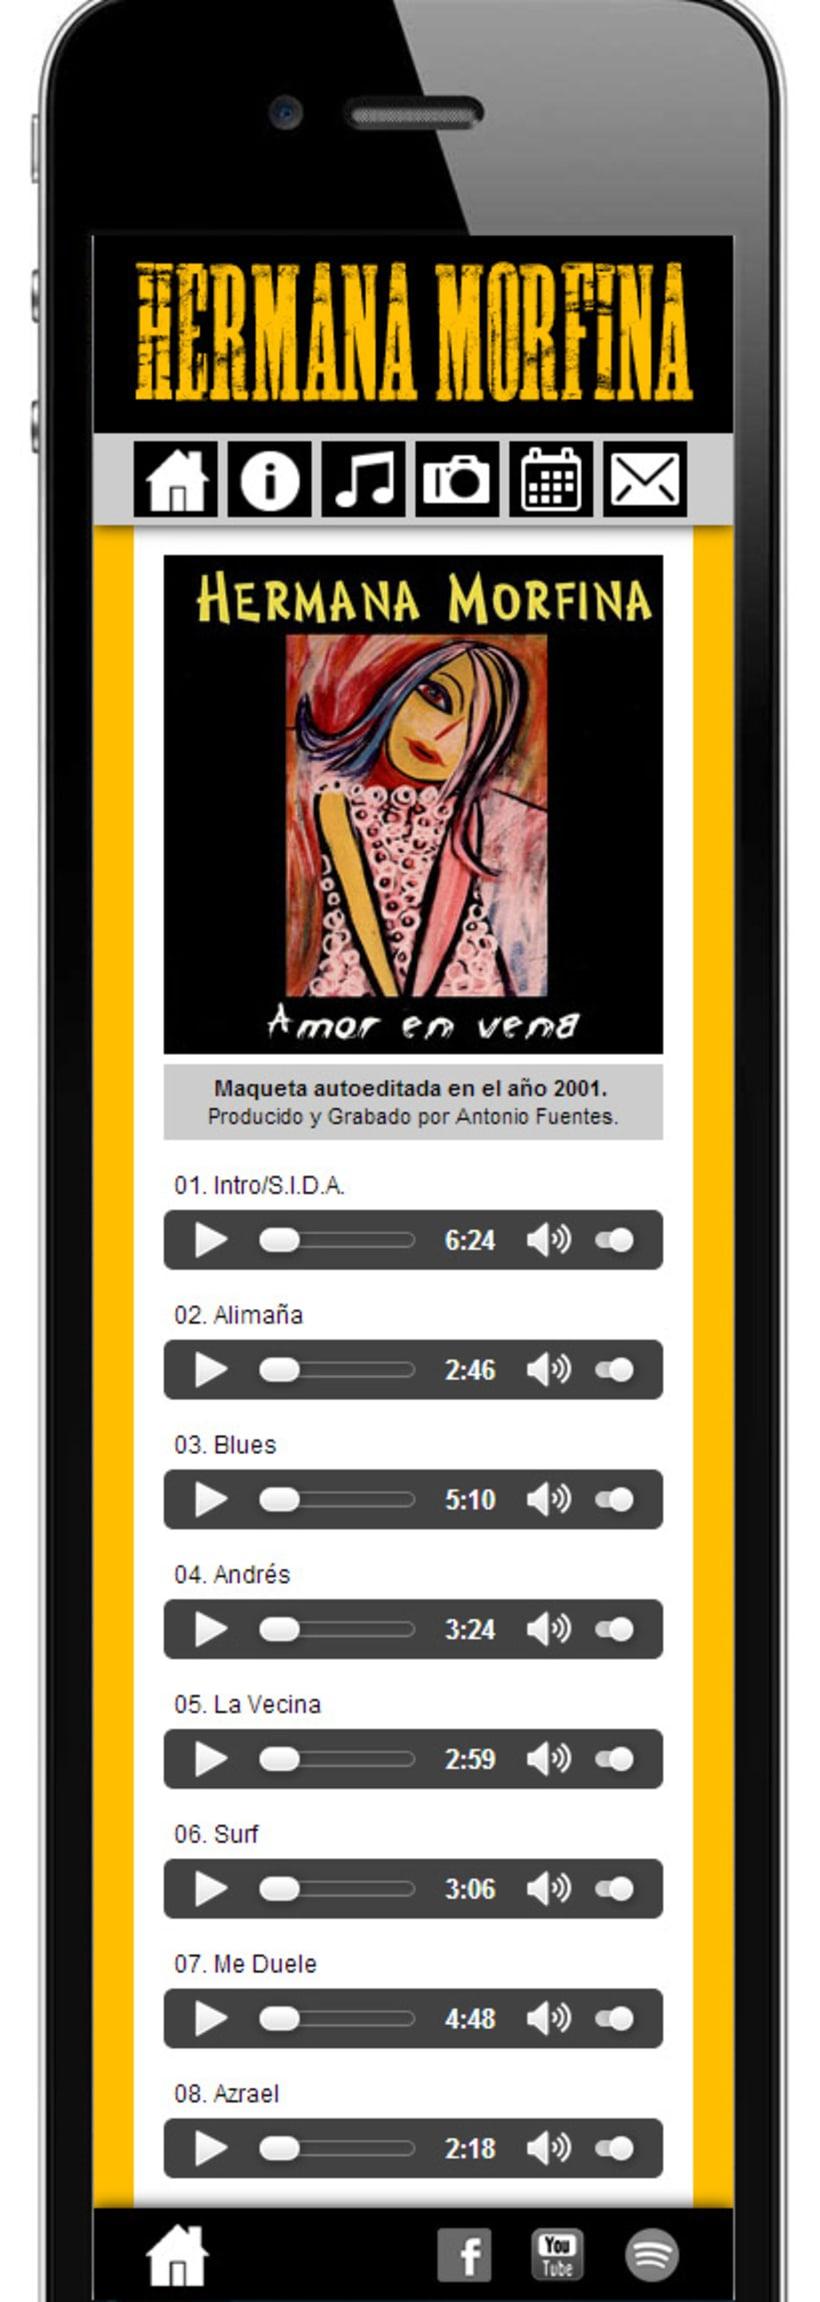 hermanamorfina.com (versión para dispositivos móviles) 4